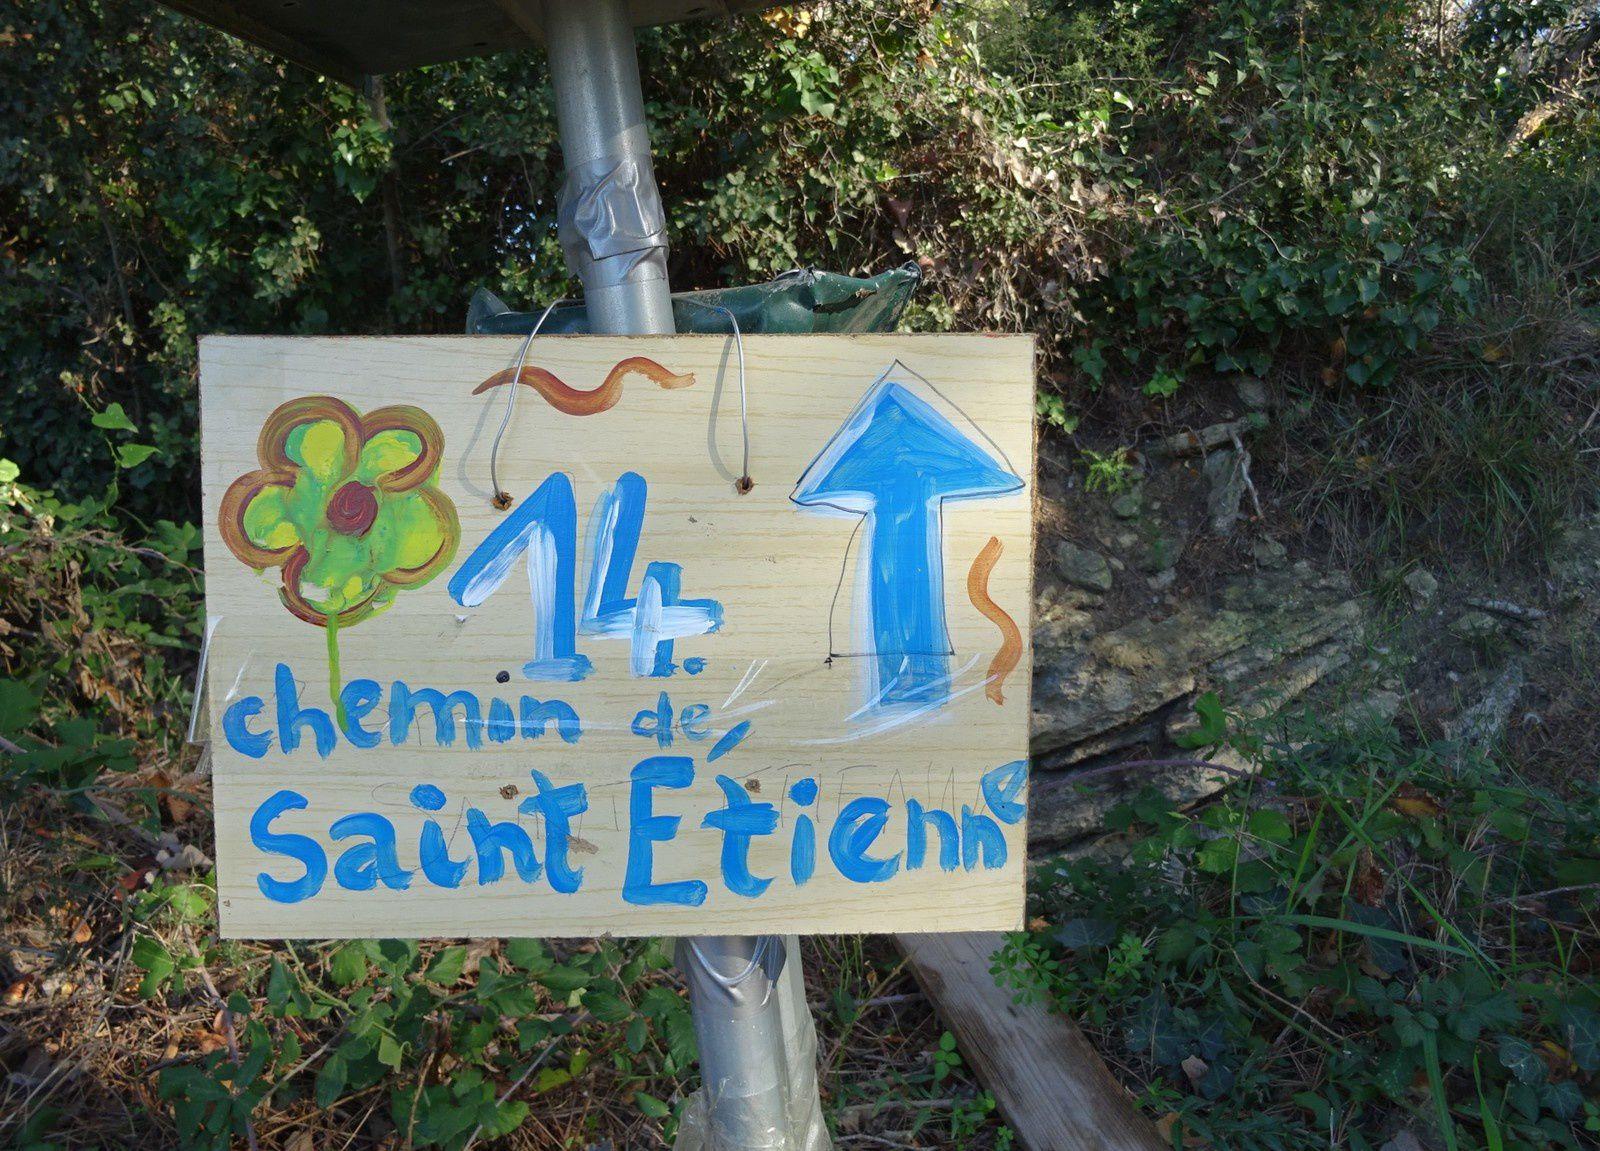 Ça ne s'invente pas ! l'endroit s'appelle le Quartier Saint Etienne.